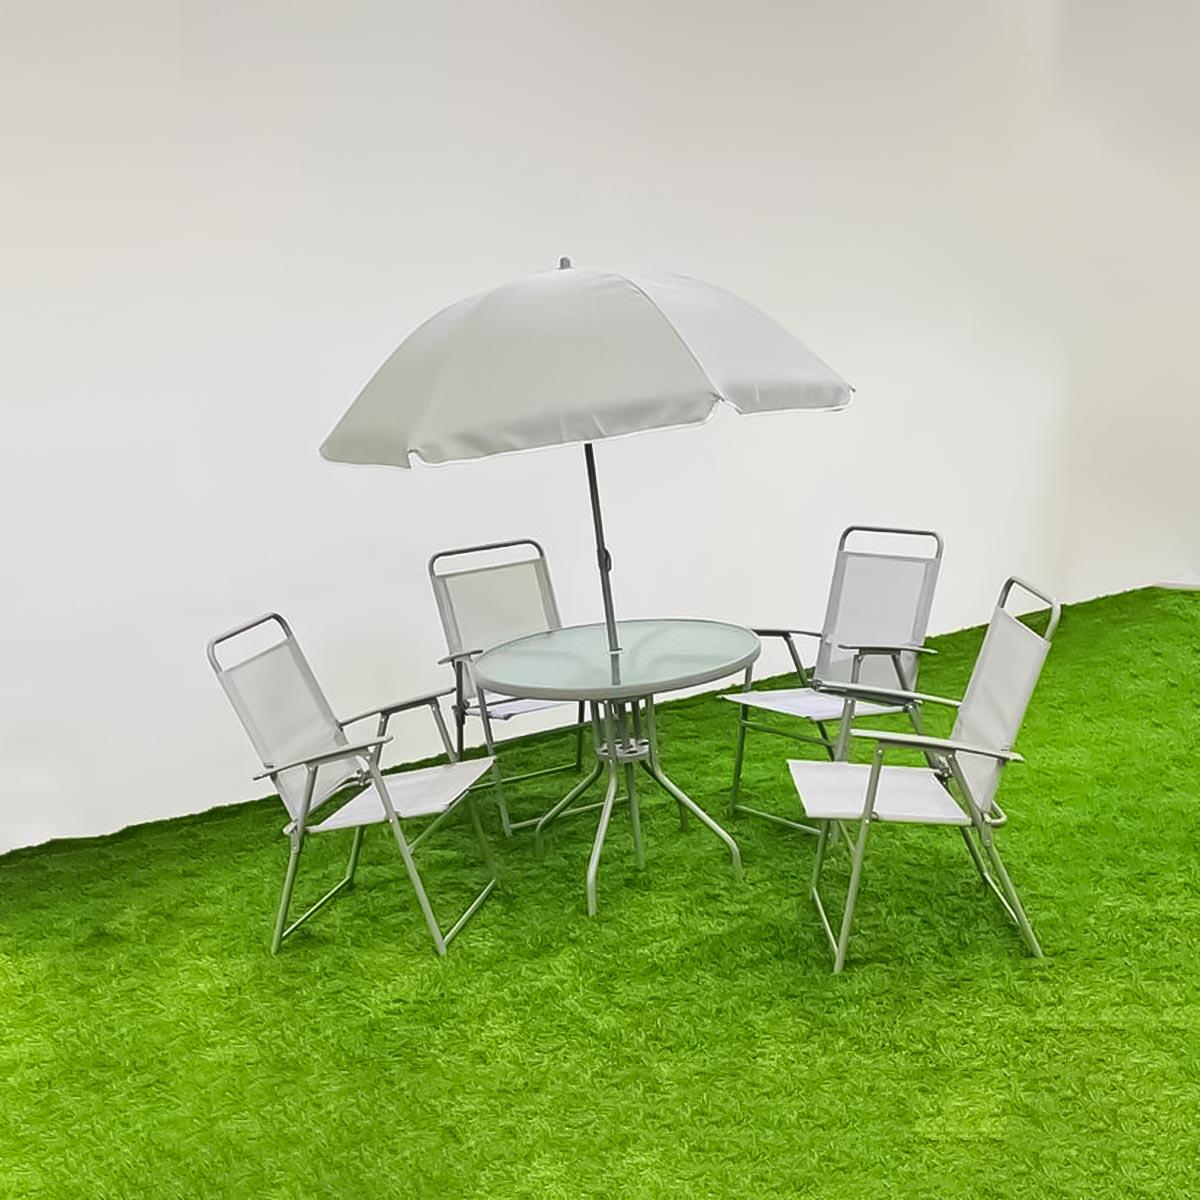 طقم طاولة جلسات خارجية دائري لون رمادي  مع 4 كرسي ومظله رقم 210598